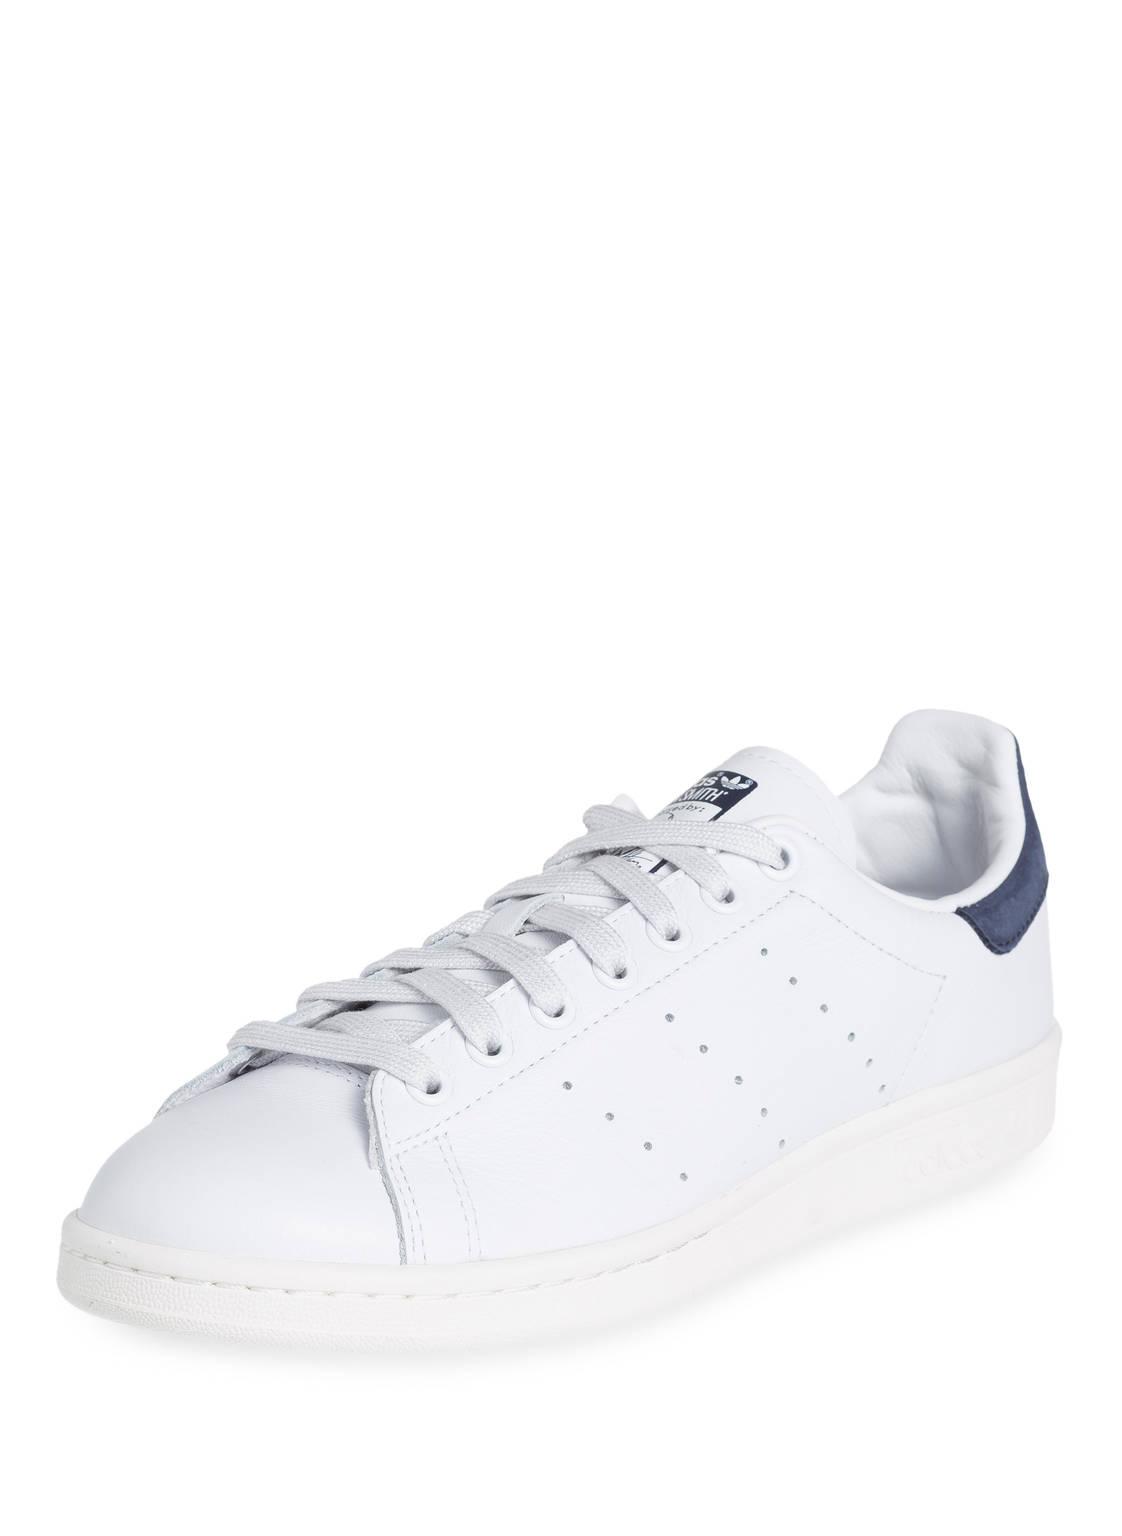 adidas Originals Sneaker STAN SMITH bei Breuninger kaufen